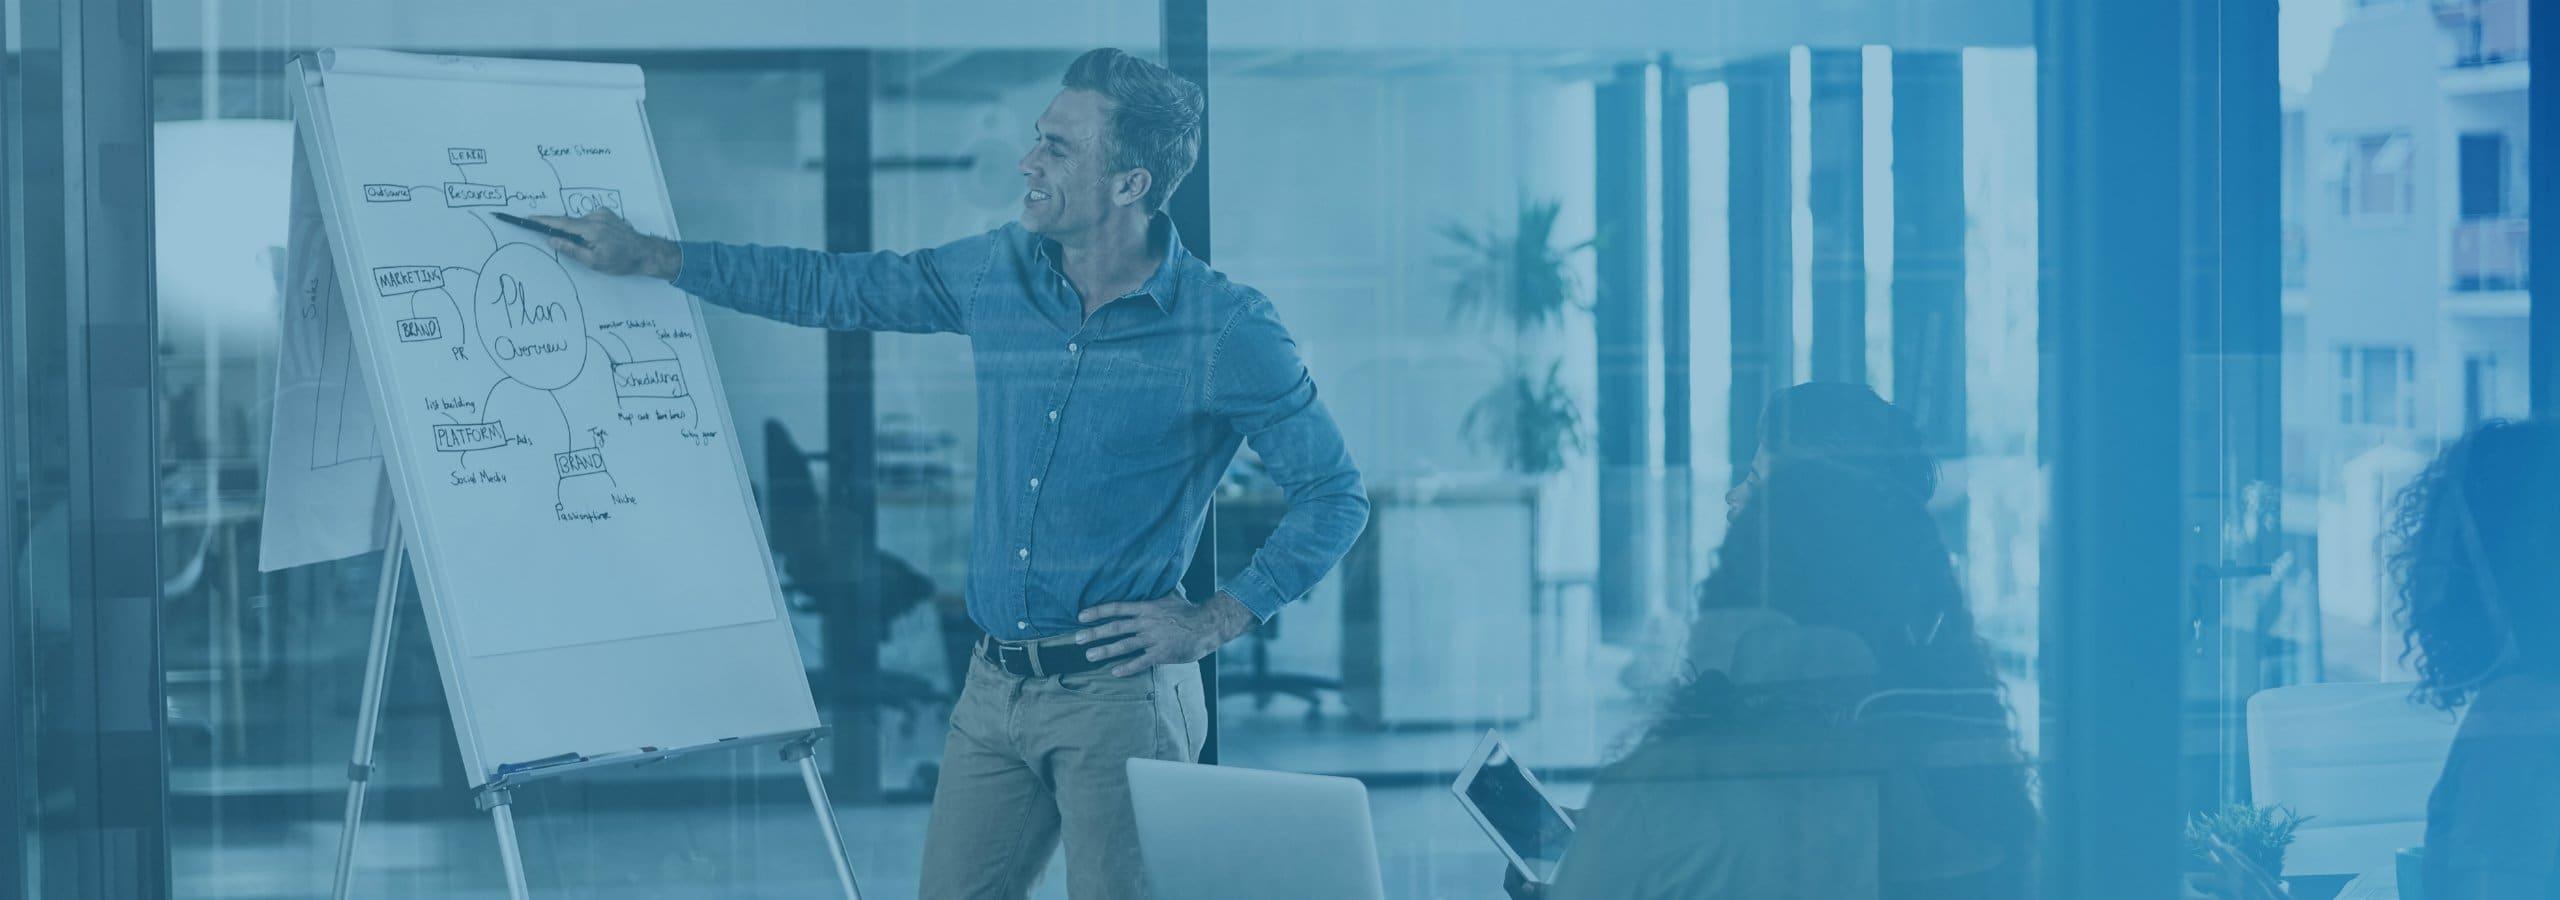 Søger du en interim projektleder, Nextt Management står klar til at hjælpe